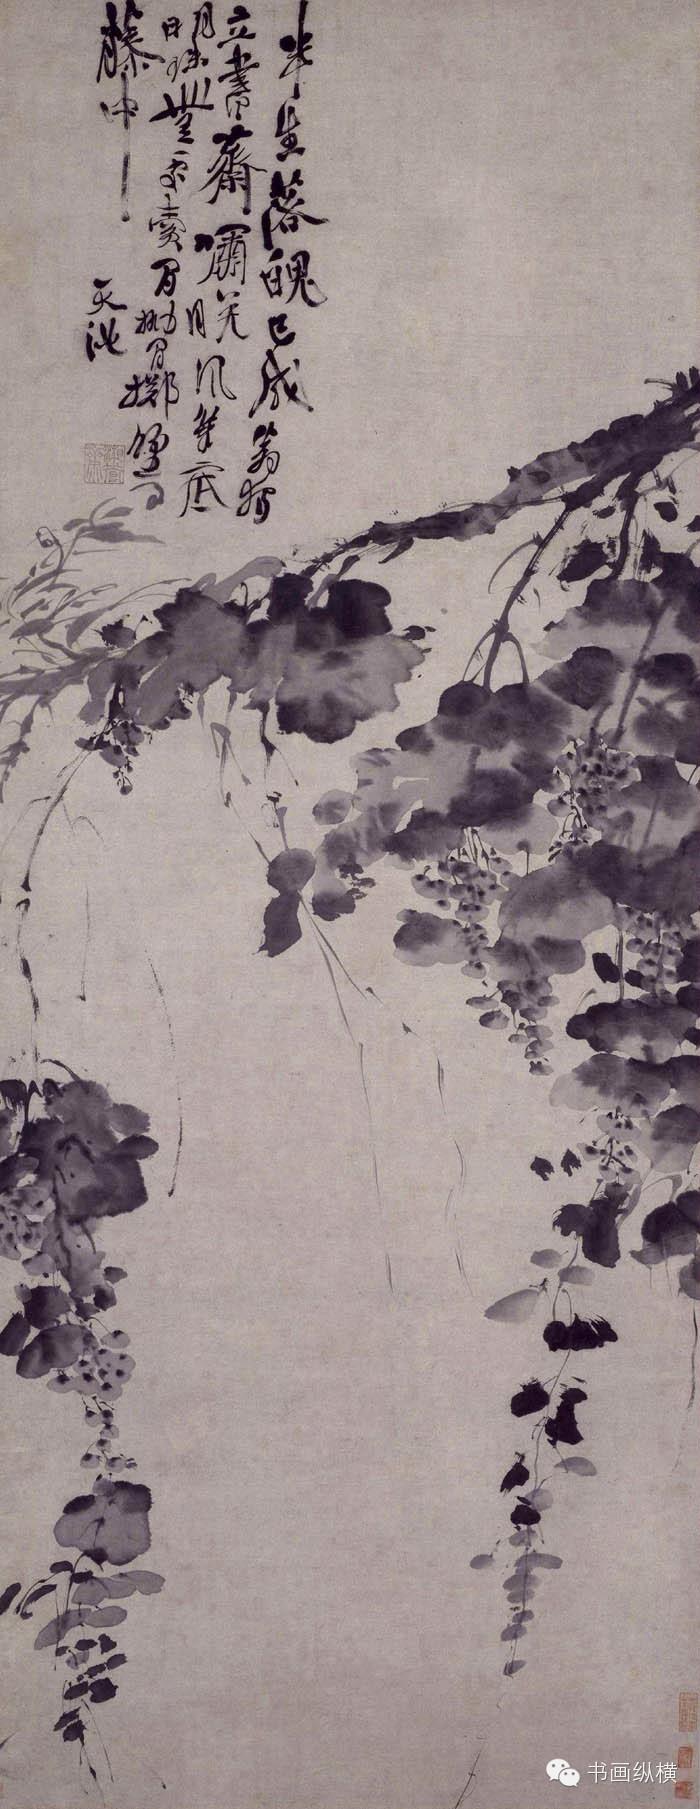 《水墨葡萄图》轴,明,徐渭绘,纸本,墨笔,纵 165.4cm,横 64.5cm。